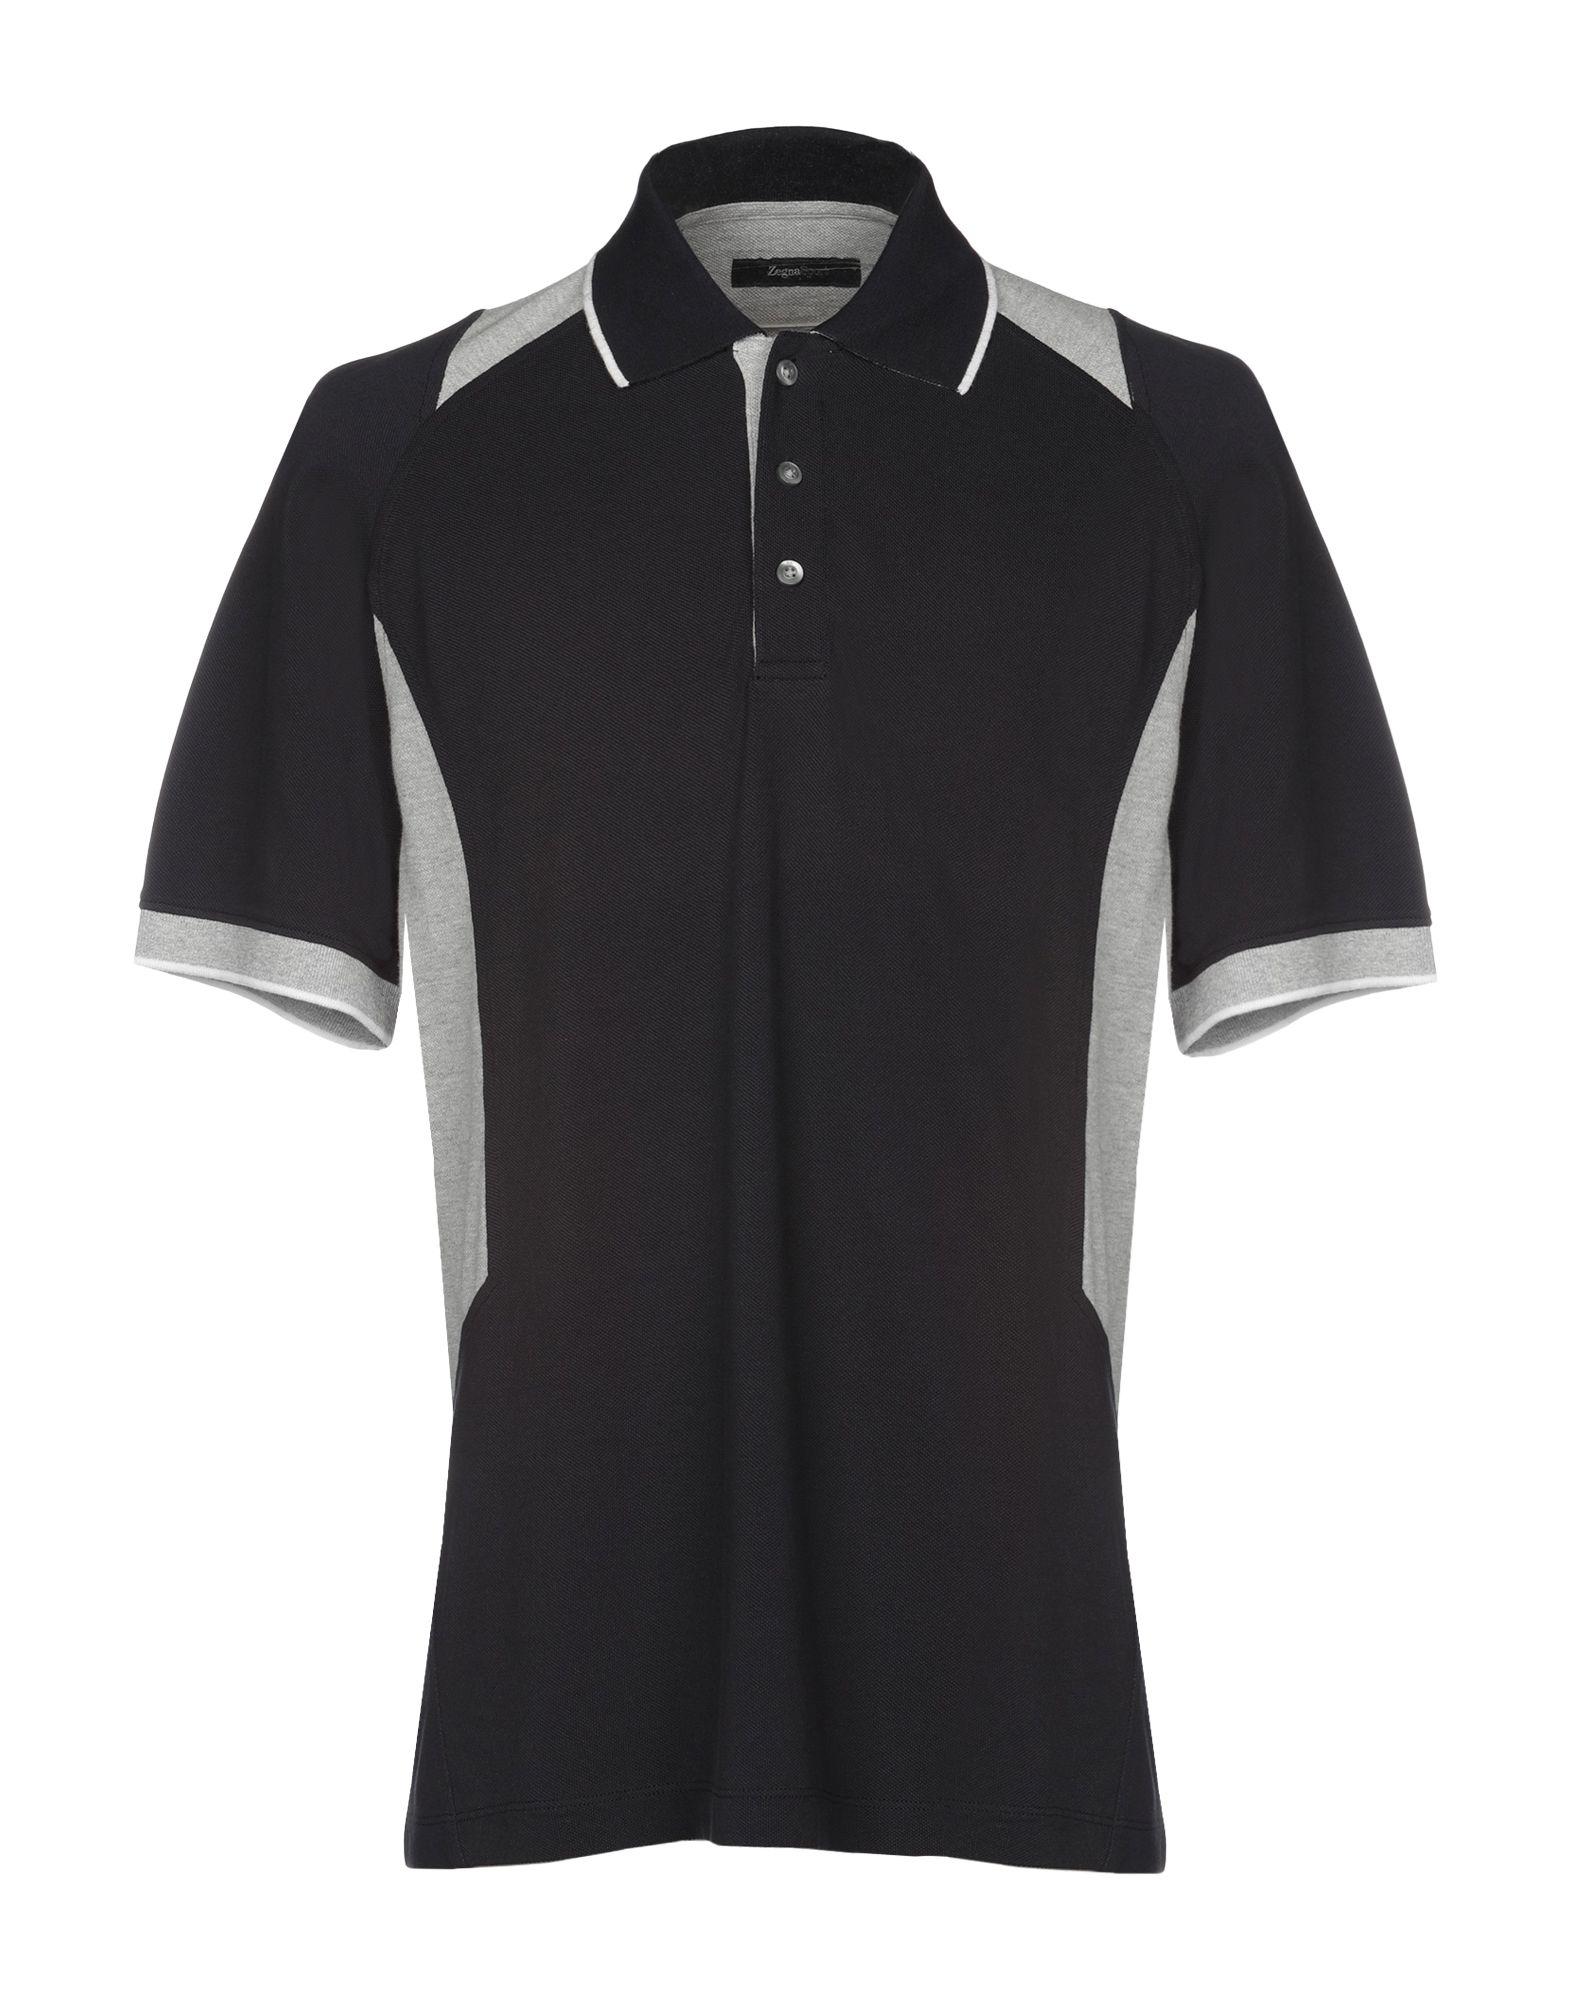 《送料無料》ZEGNA SPORT メンズ ポロシャツ ダークブルー L コットン 100%